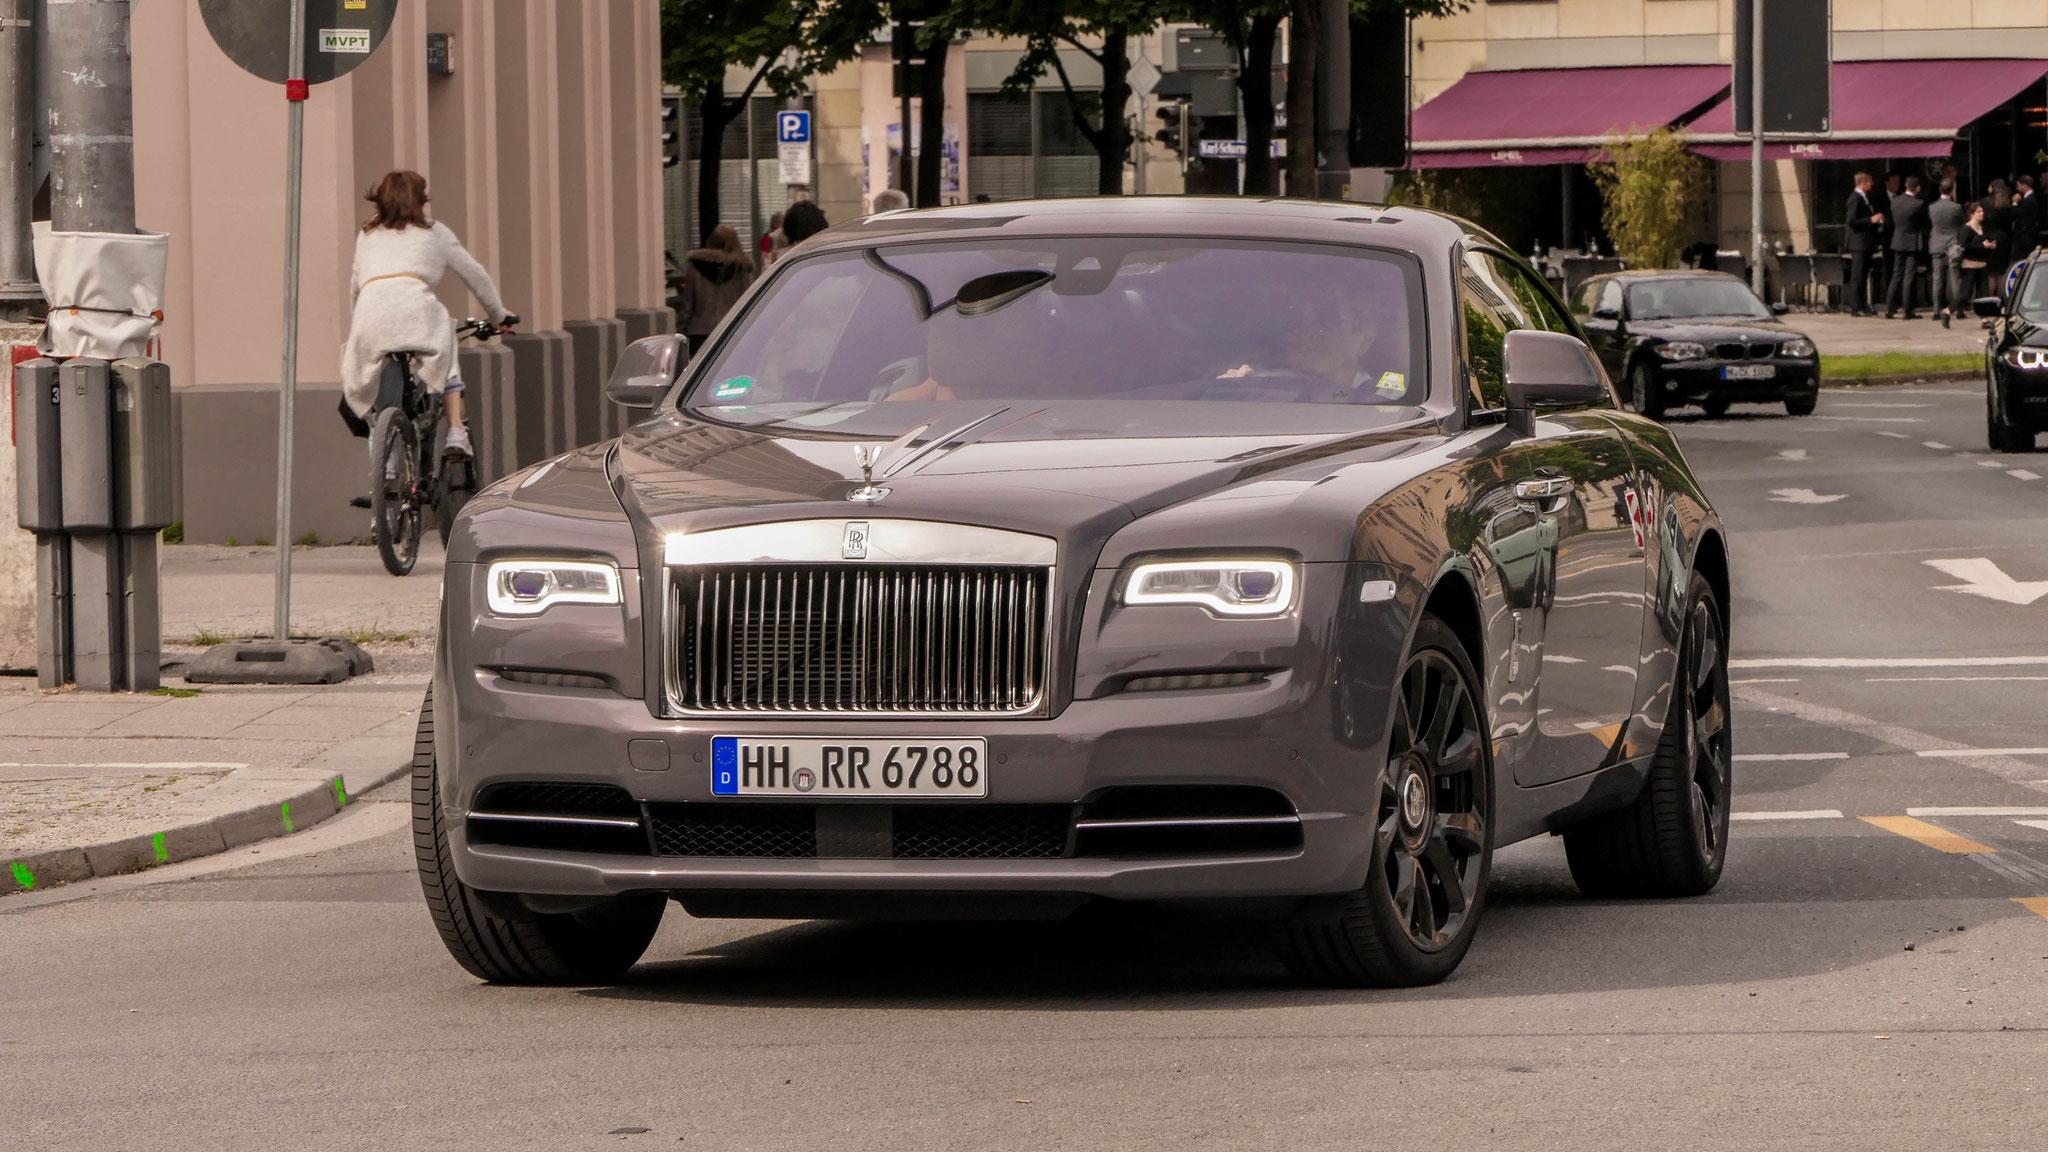 Rolls Royce Wraith - HH-RR-6788